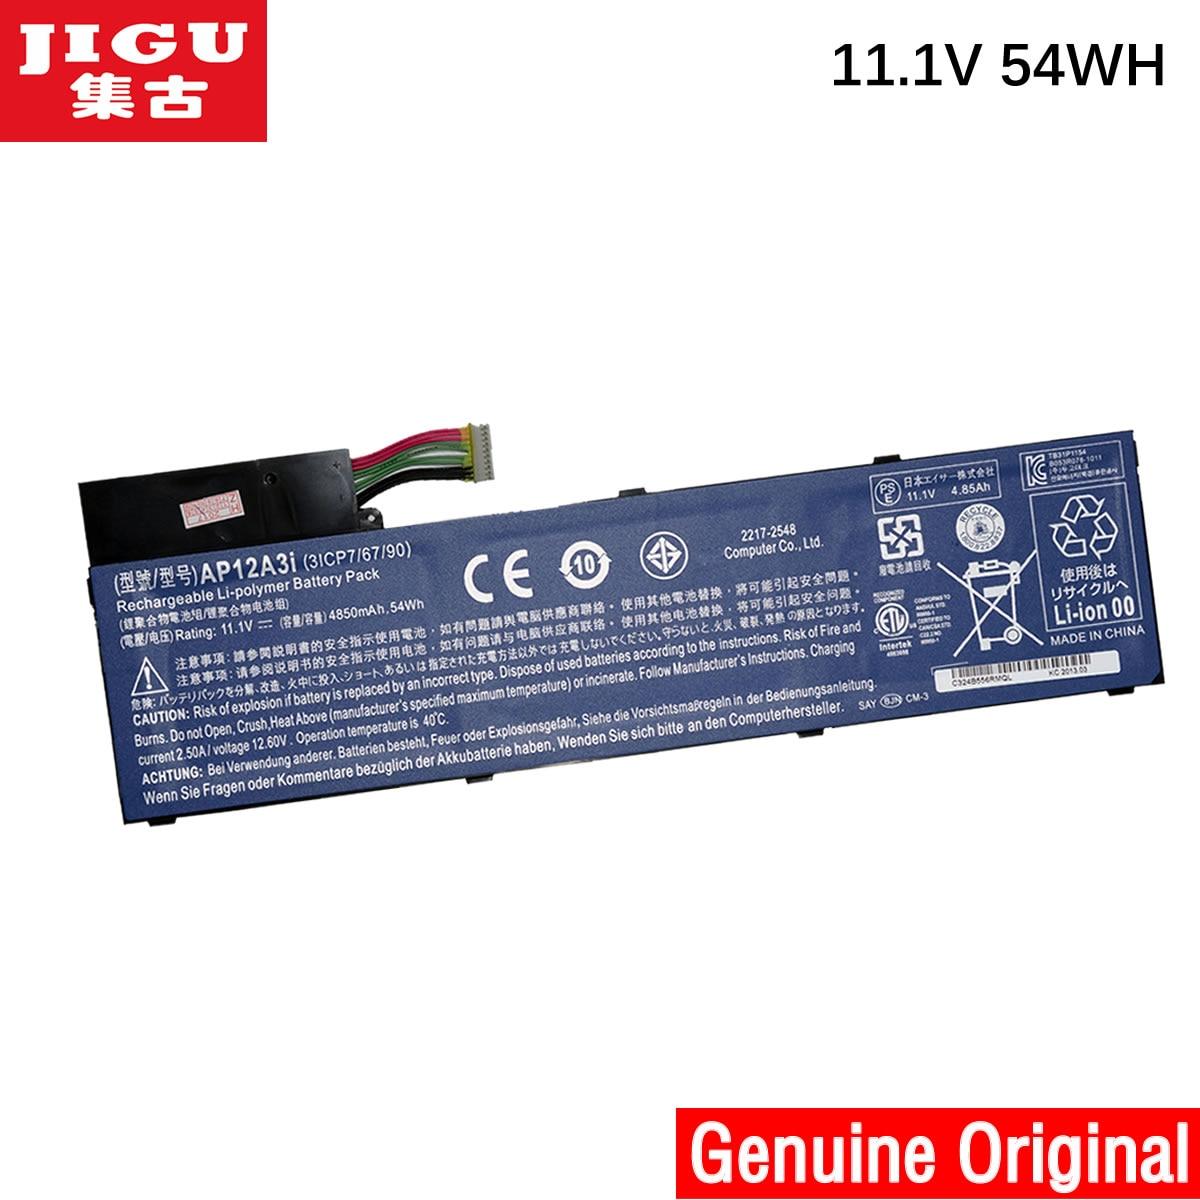 JIGU AP12A3I Original Laptop Battery For ACER Aspire Timeline Ultra M3 M5 M3-581 M5-481 M5-581 AP12A4i M3-581TG тренога для походного котла kukmara т03